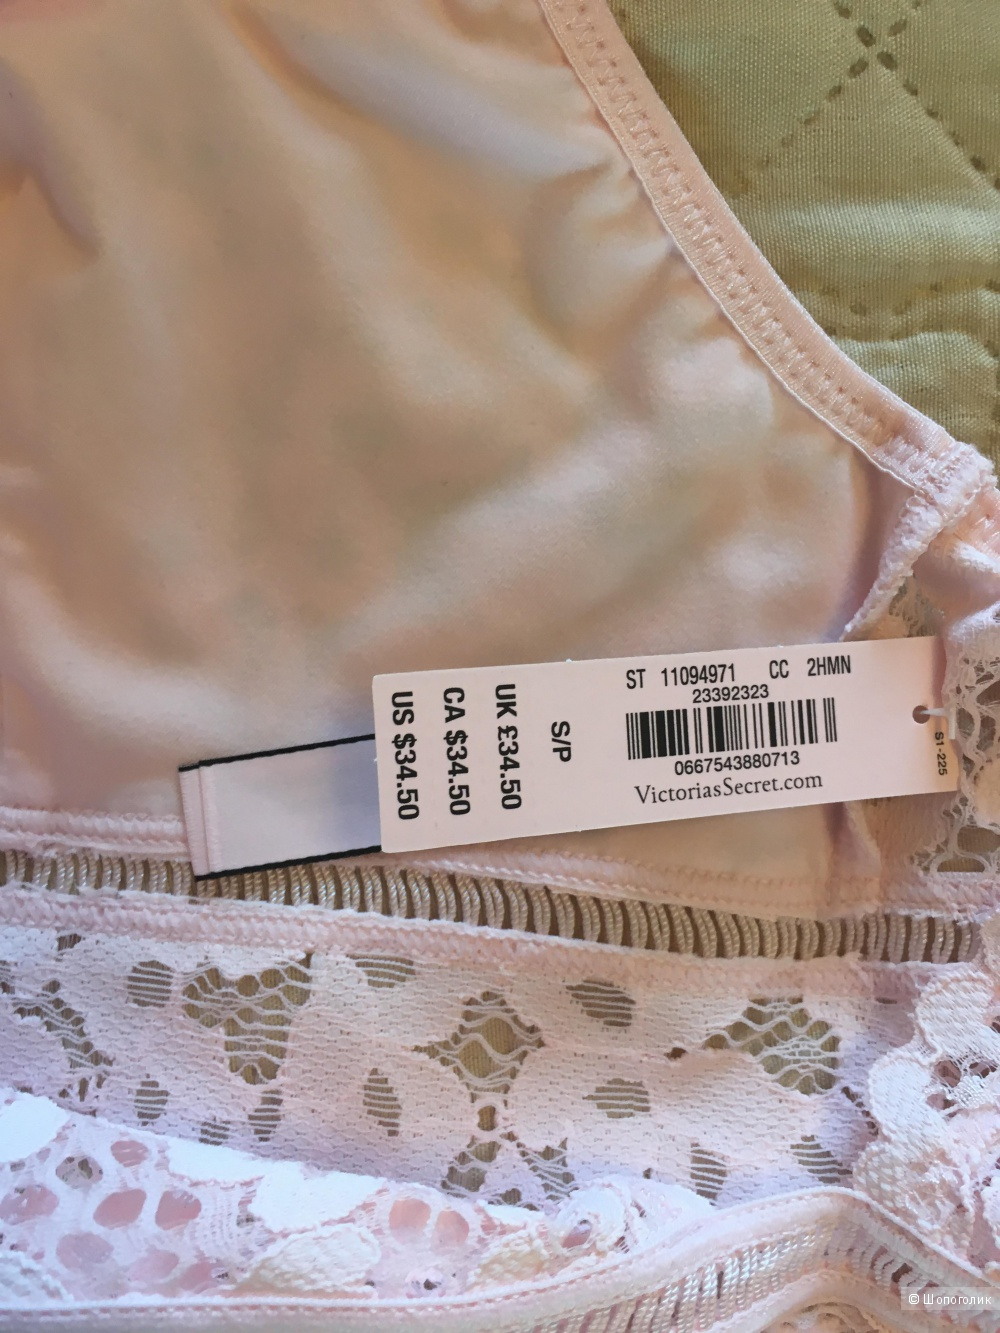 Бралетт Victoria's Secret, модель Deep V Crop, S, новое с бирками